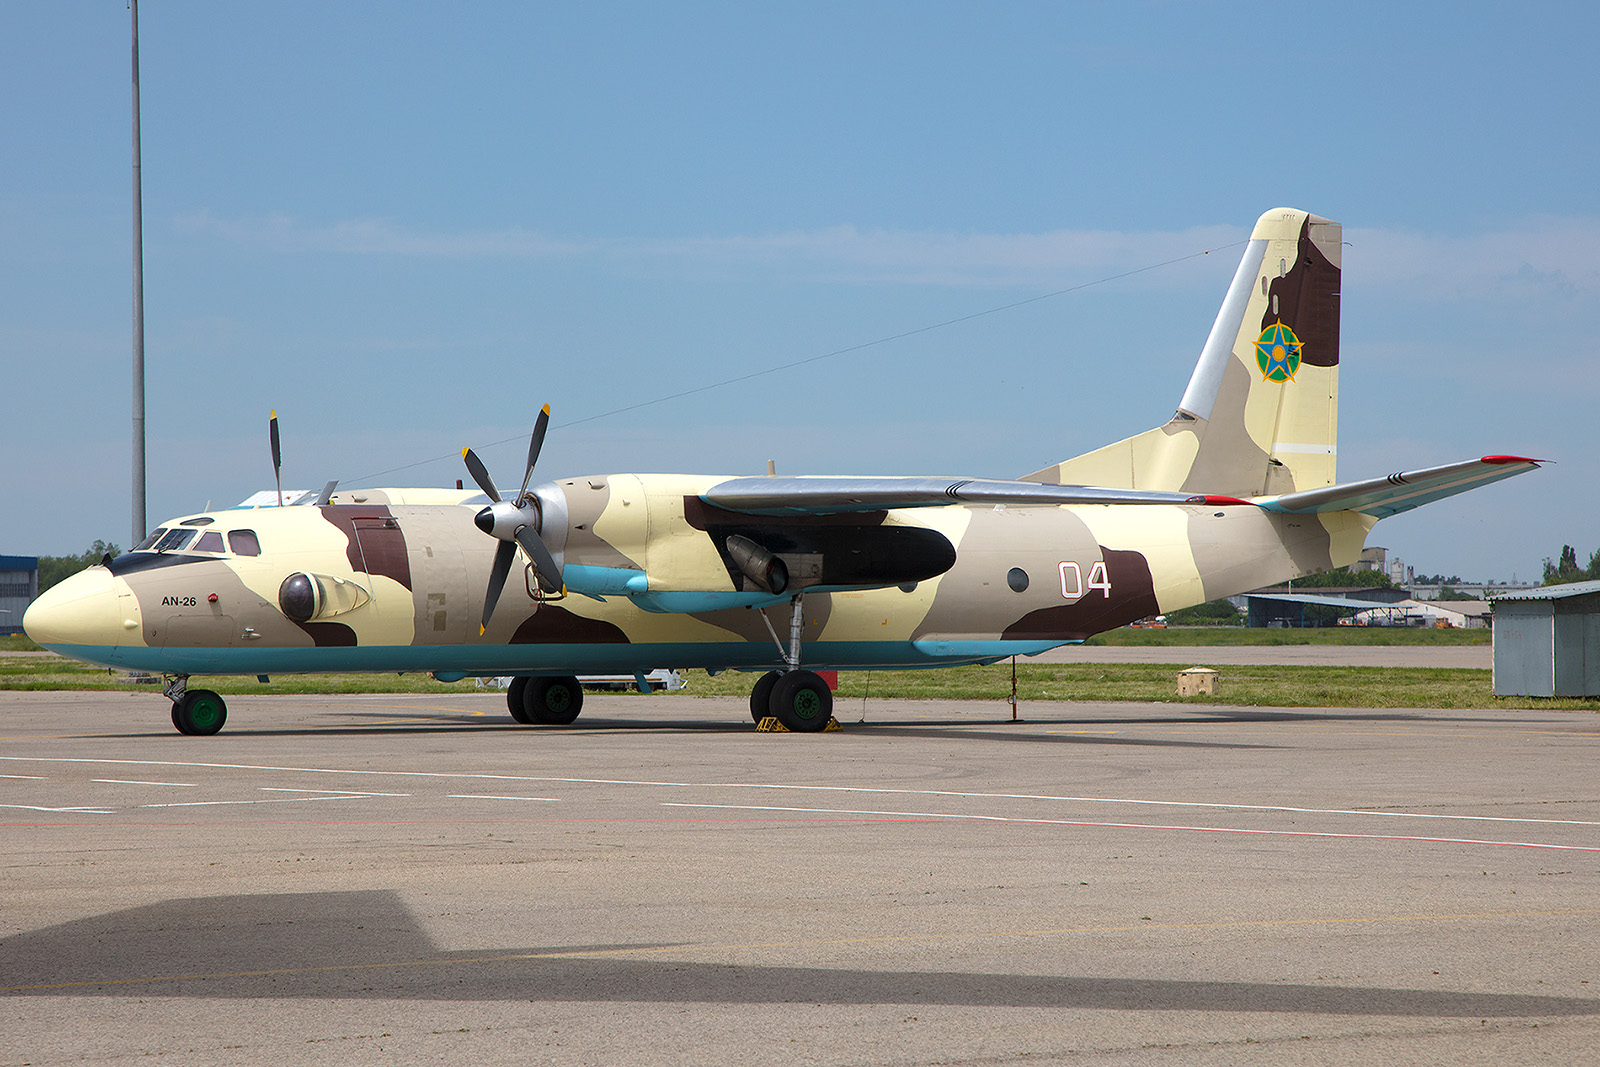 Antonov 26 des Kasachischen Grenzschutzes in ihrer auffälligen Tarnung.